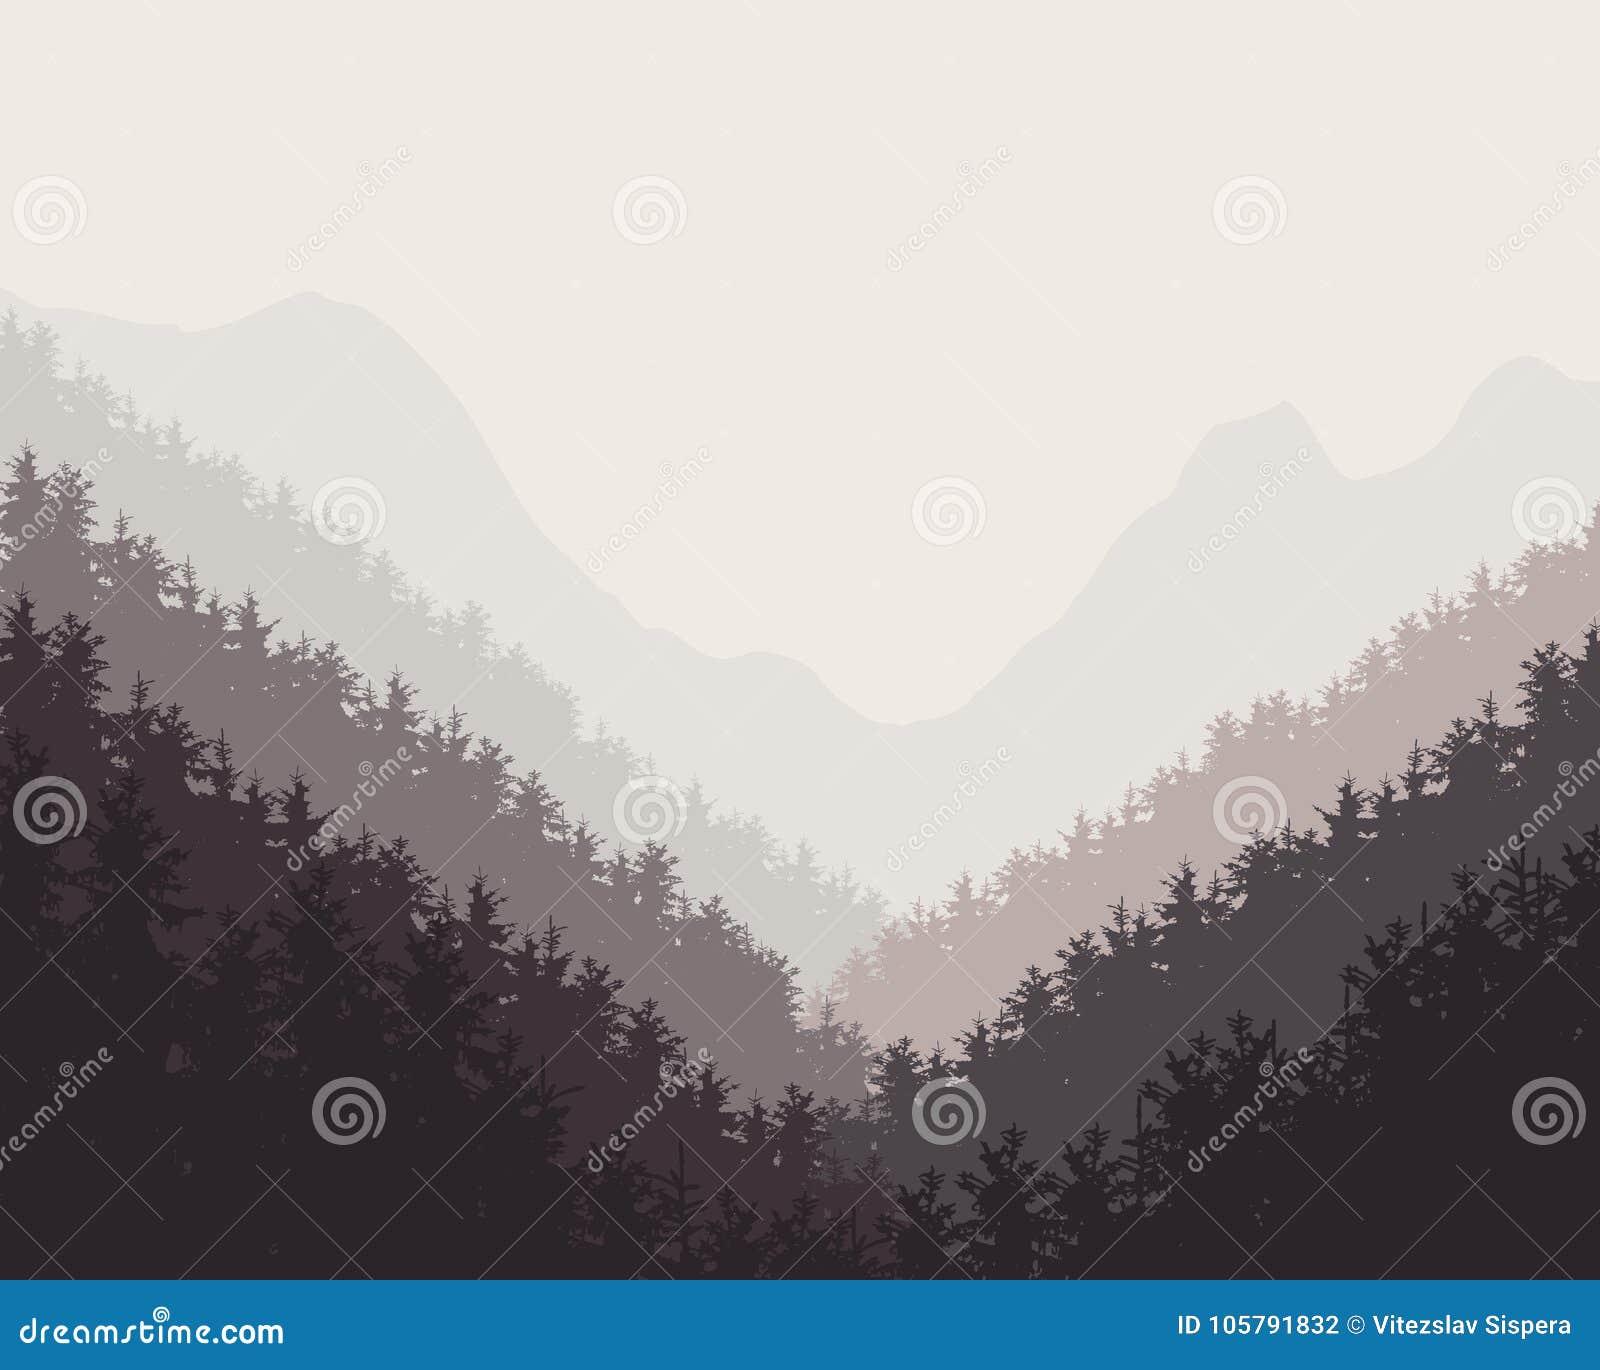 Vector el ejemplo retro de los fondos nebulosos de un bosque del invierno